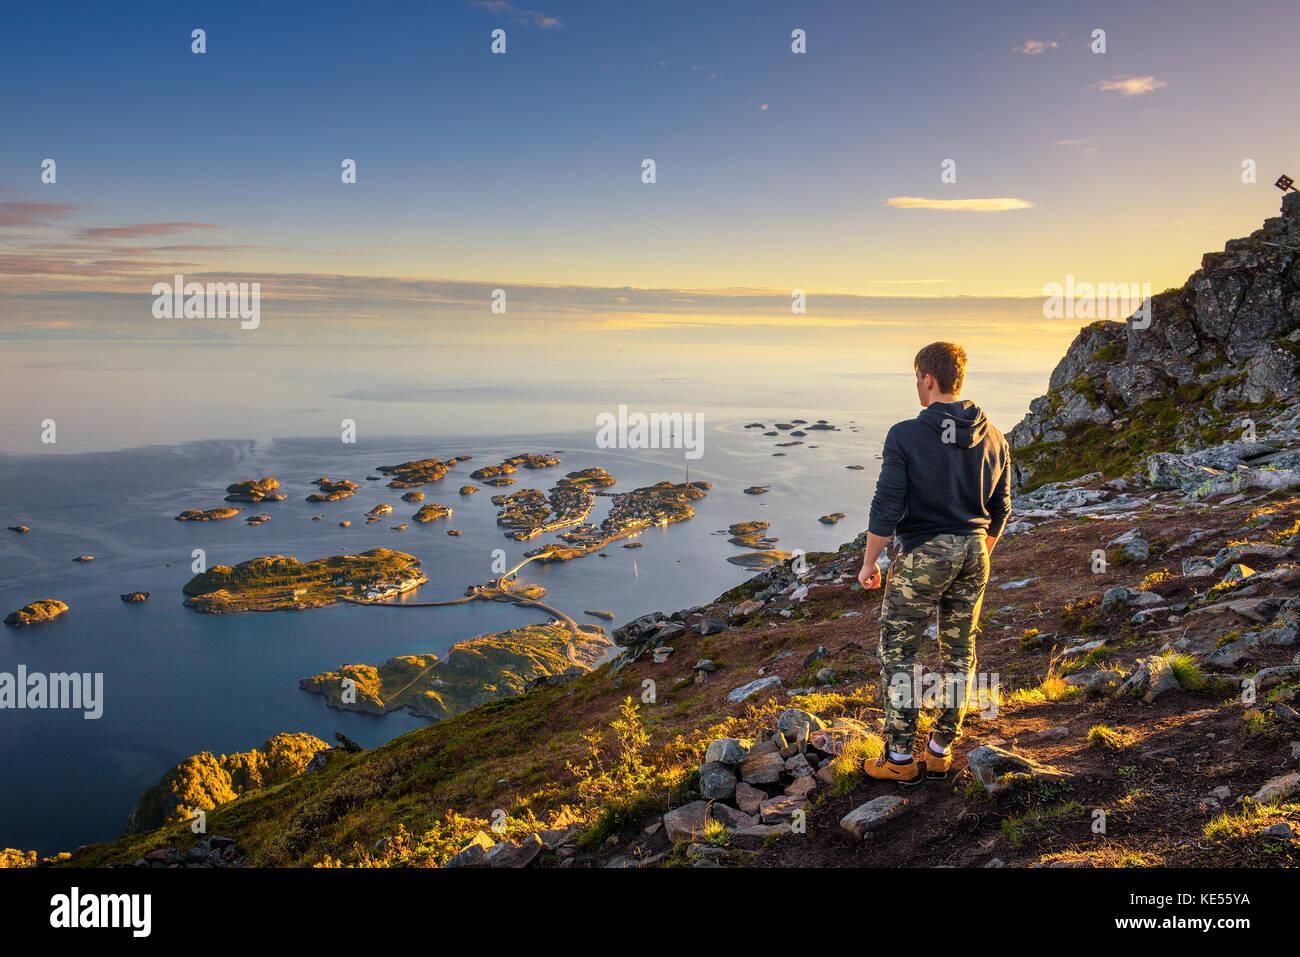 Excursionista de pie en la cima del monte festvagtinden en las islas Lofoten en Noruega Imagen De Stock